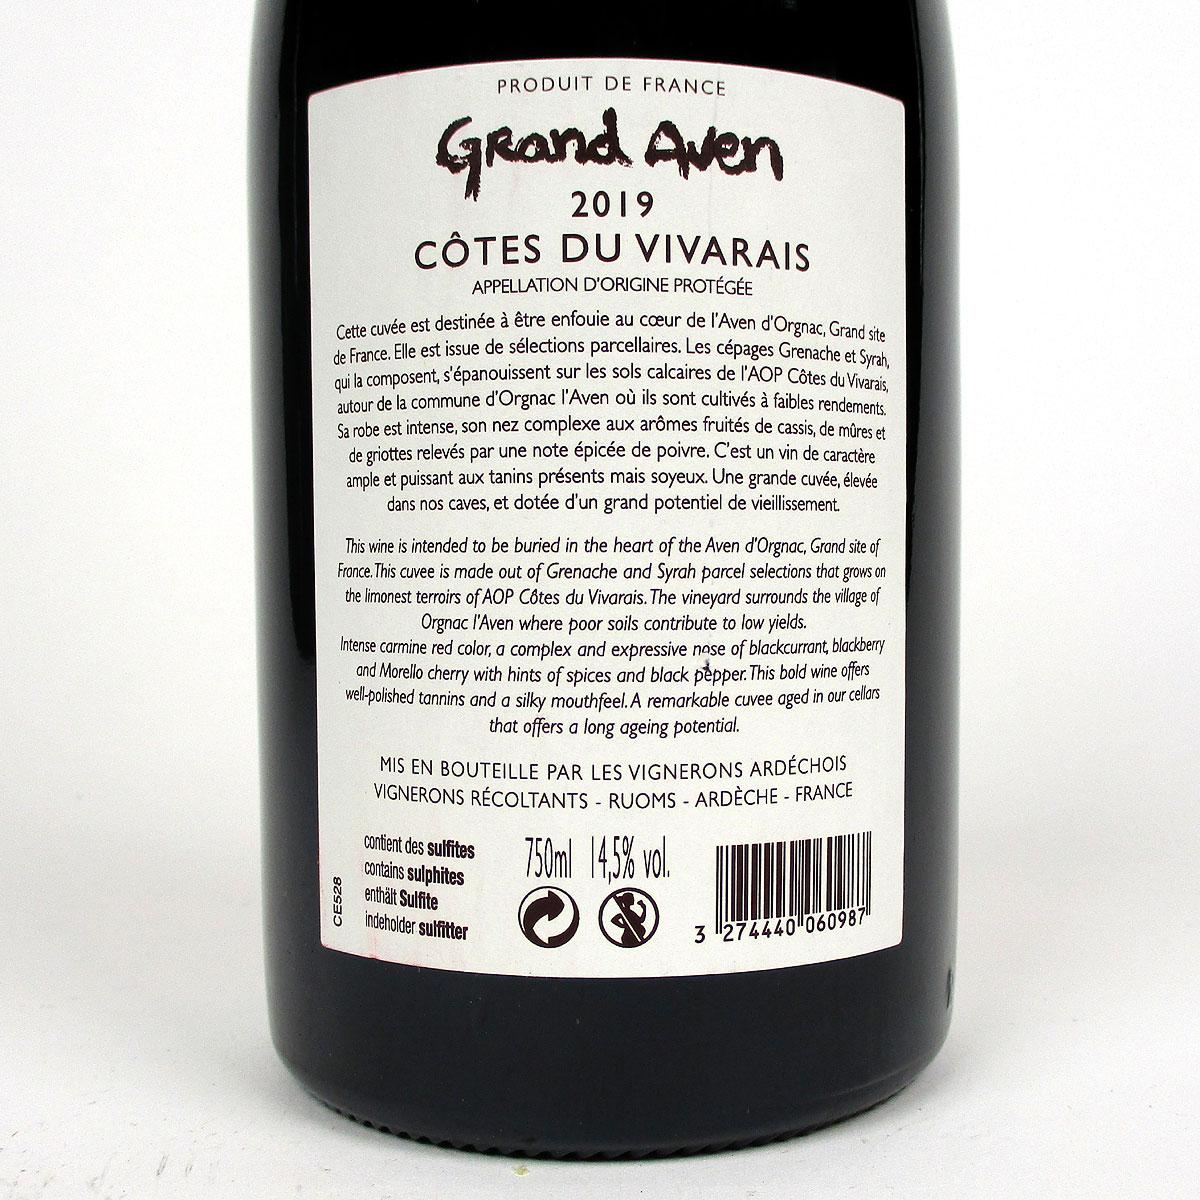 Côtes du Vivarais: Vignerons Ardéchois 'Grand Aven' 2019 - Bottle Rear Label